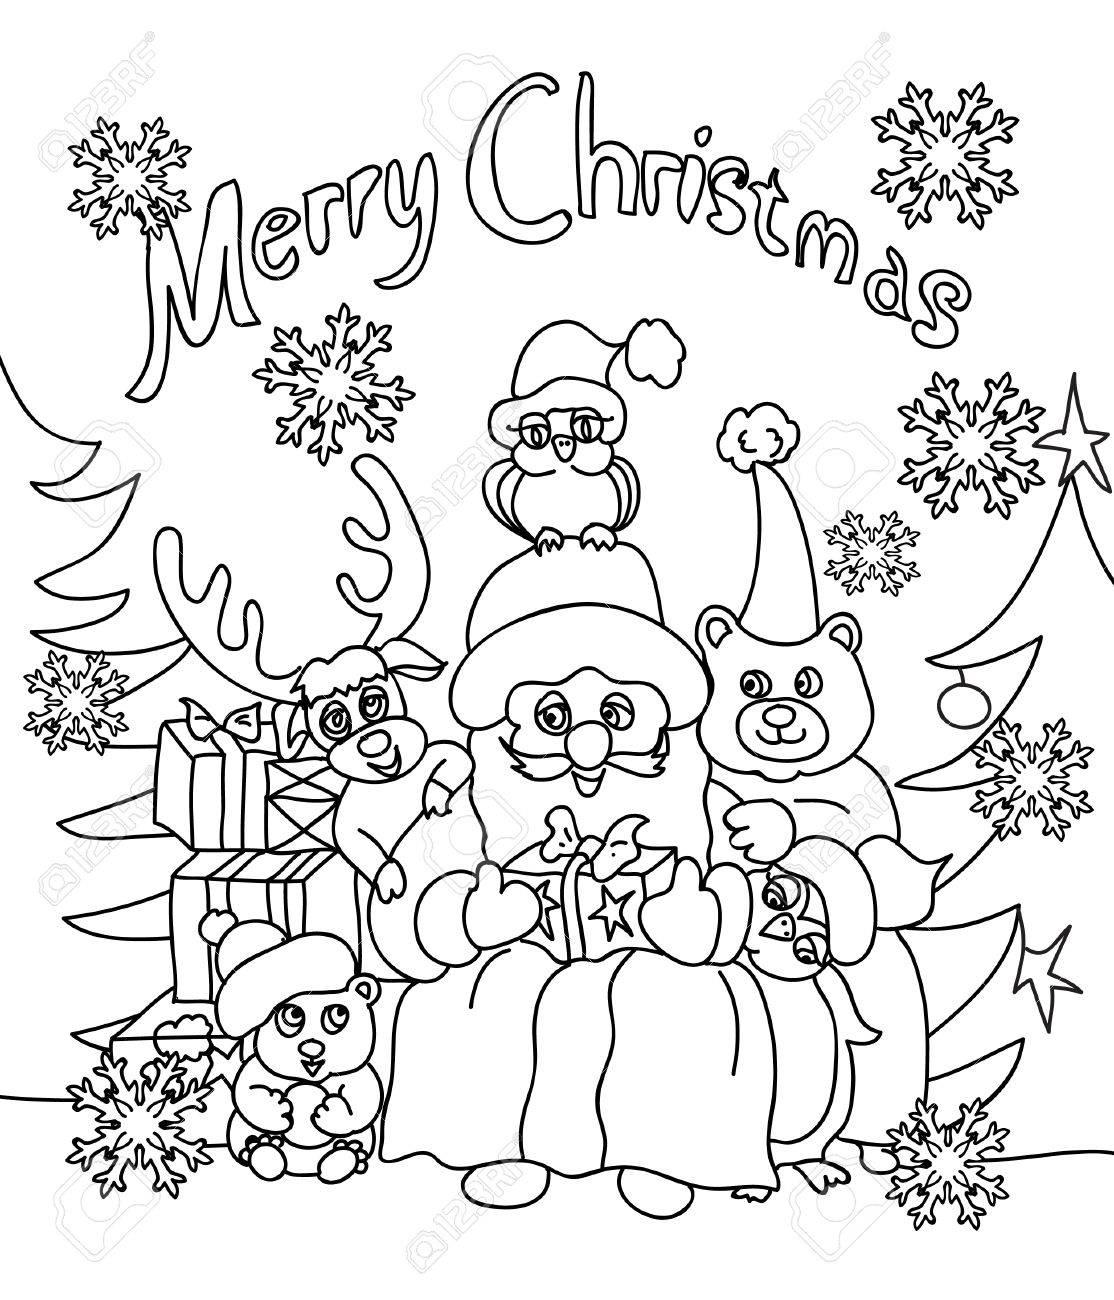 クリスマスぬりえグリーティング カード の写真素材画像素材 Image